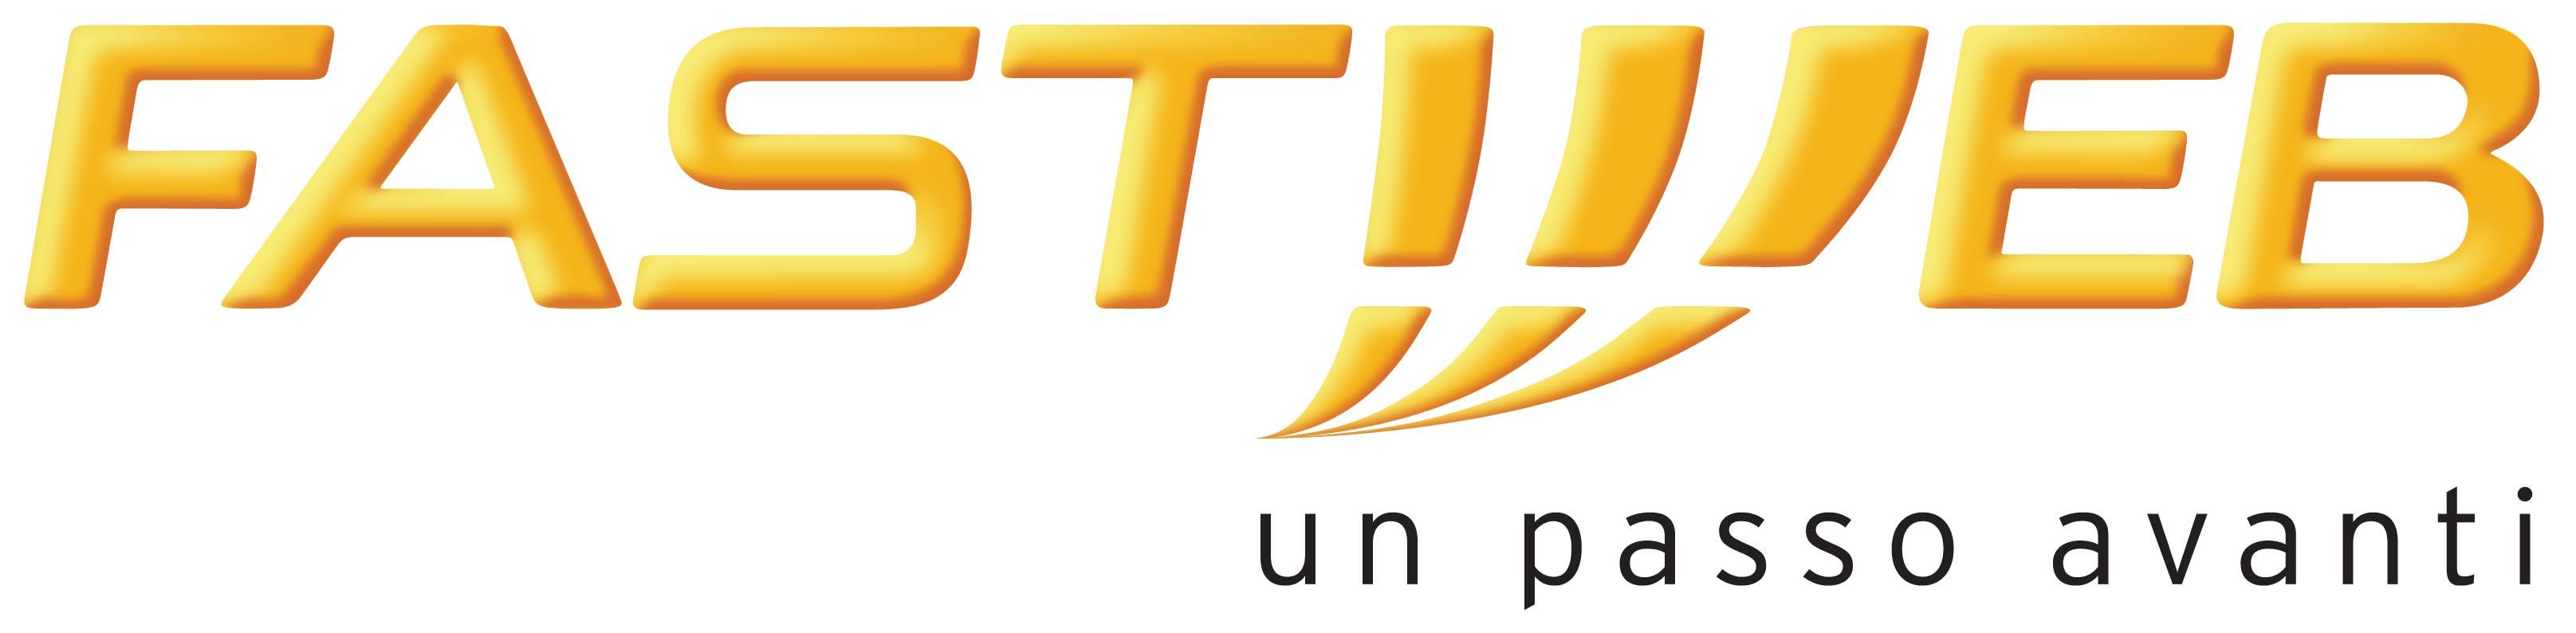 Offerte Fastweb ADSL, Fibra Ottica e Telefonate di Aprile 2017 - Promozioni a confronto